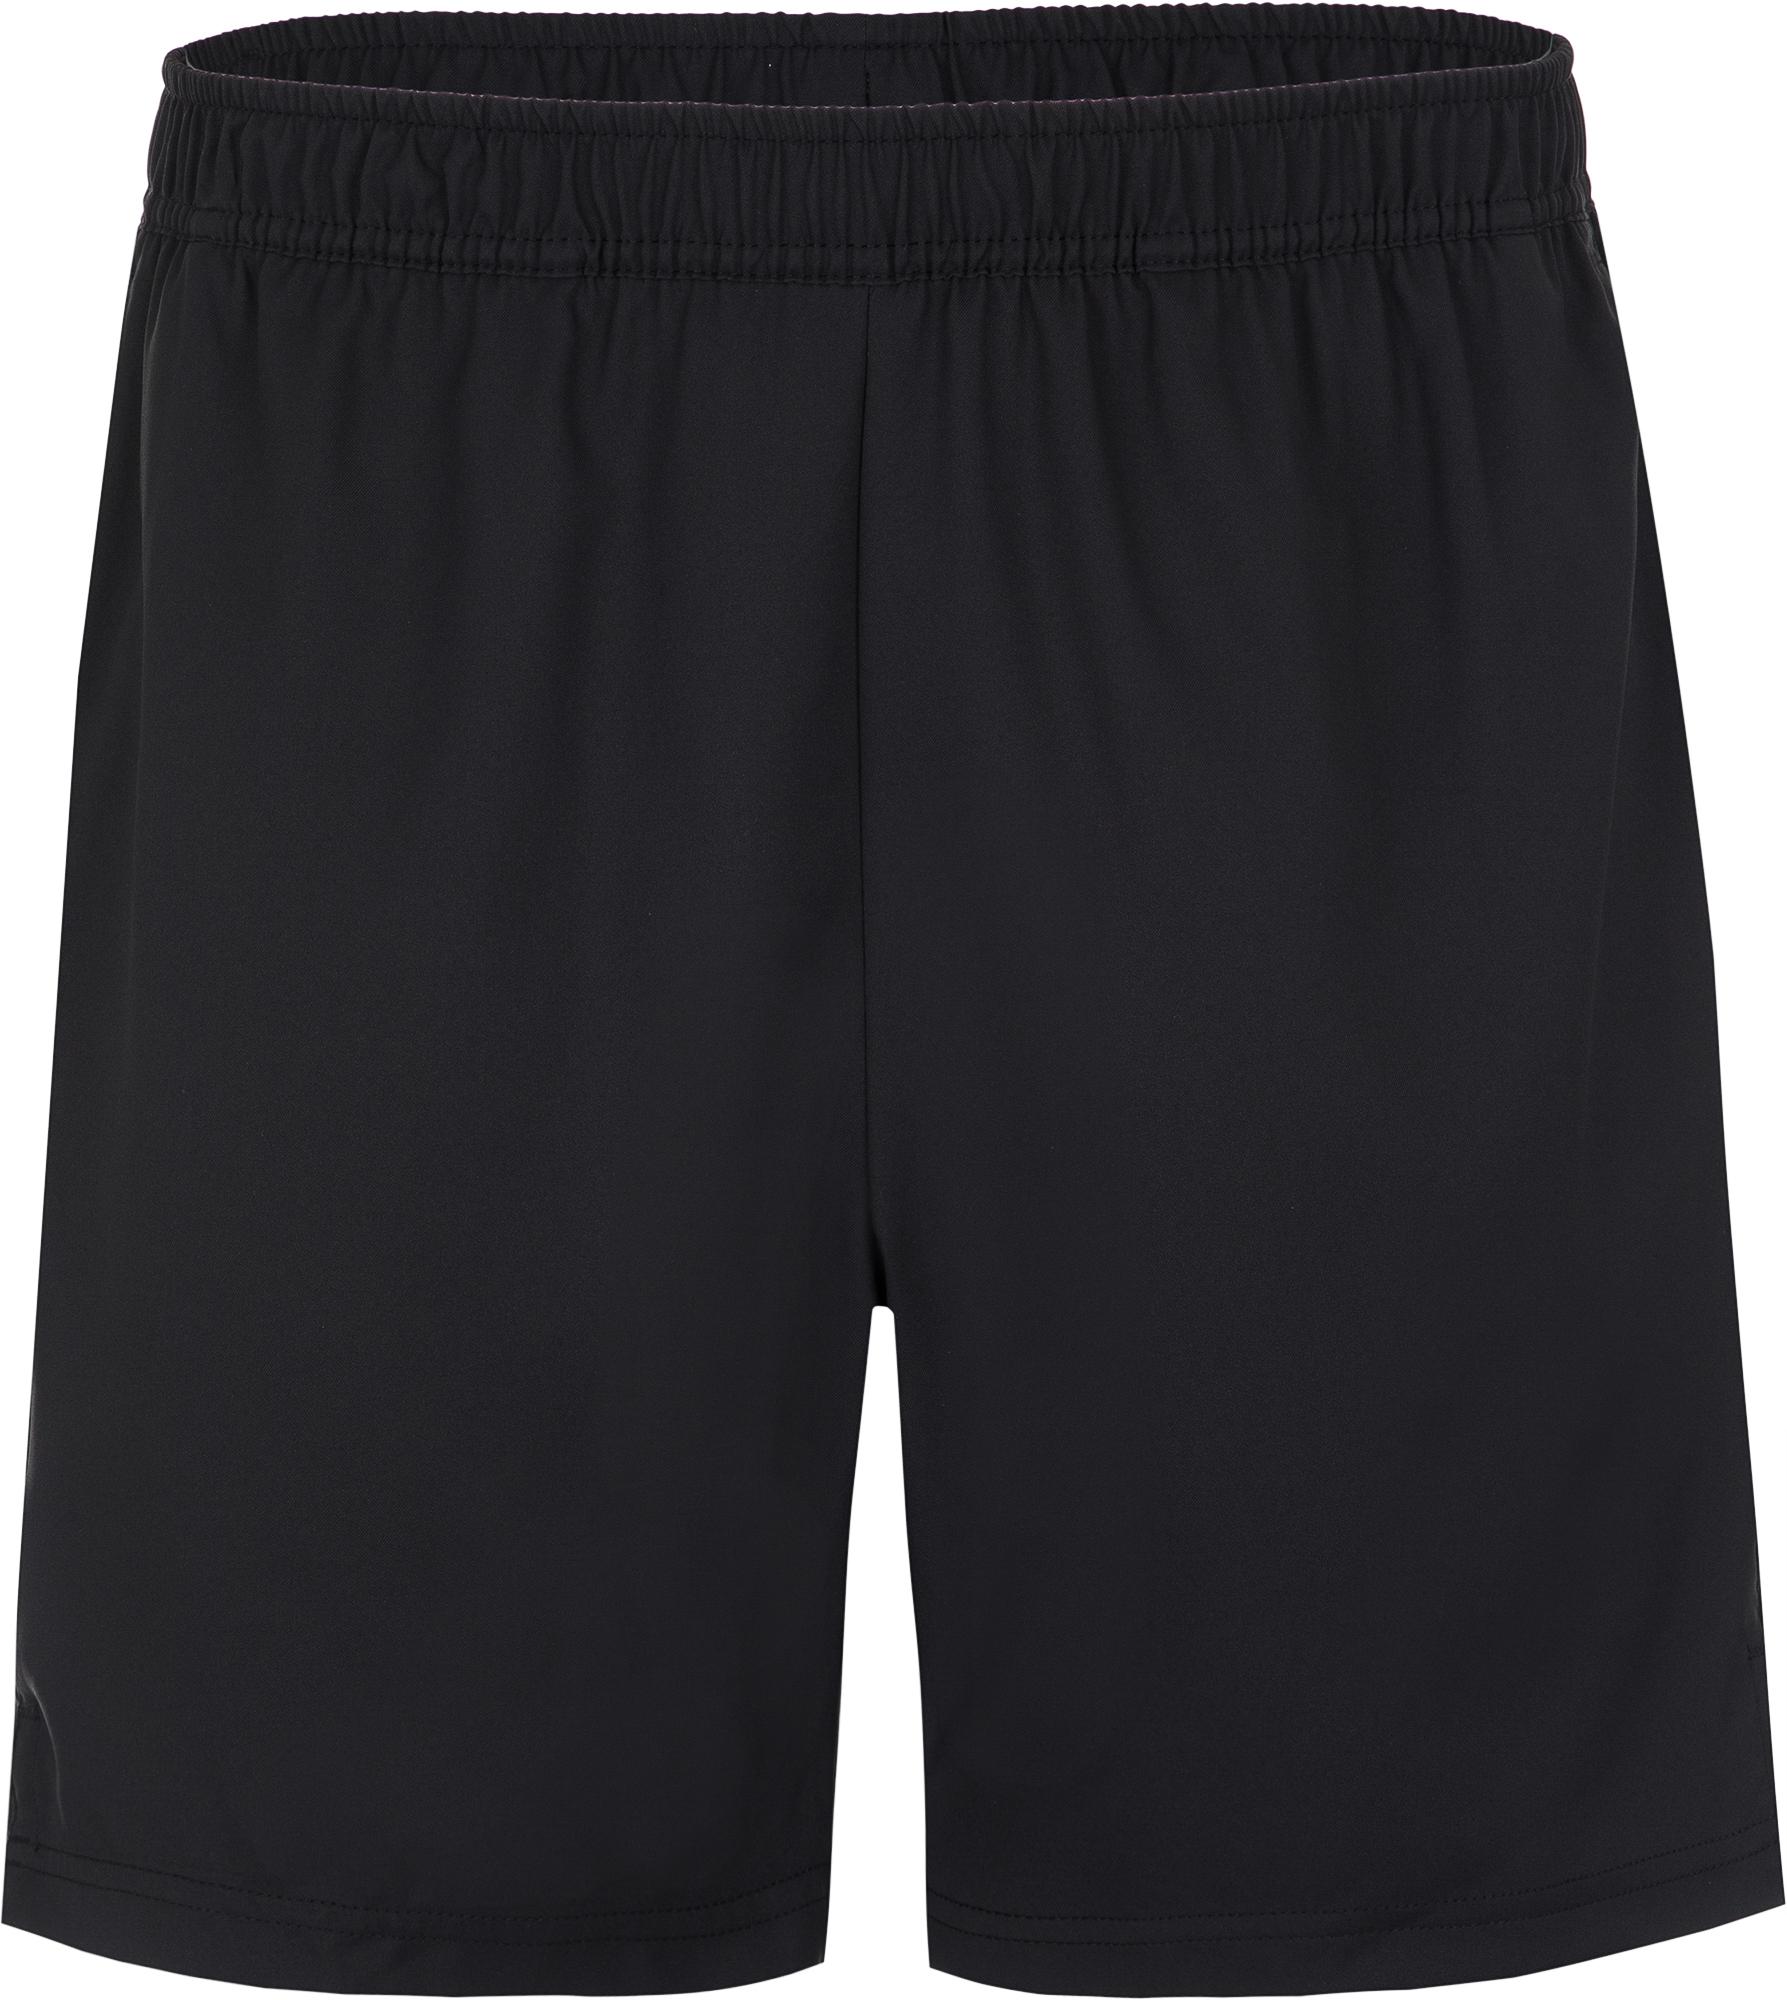 все цены на Nike Шорты мужские Nike Dry, размер 44-46 онлайн